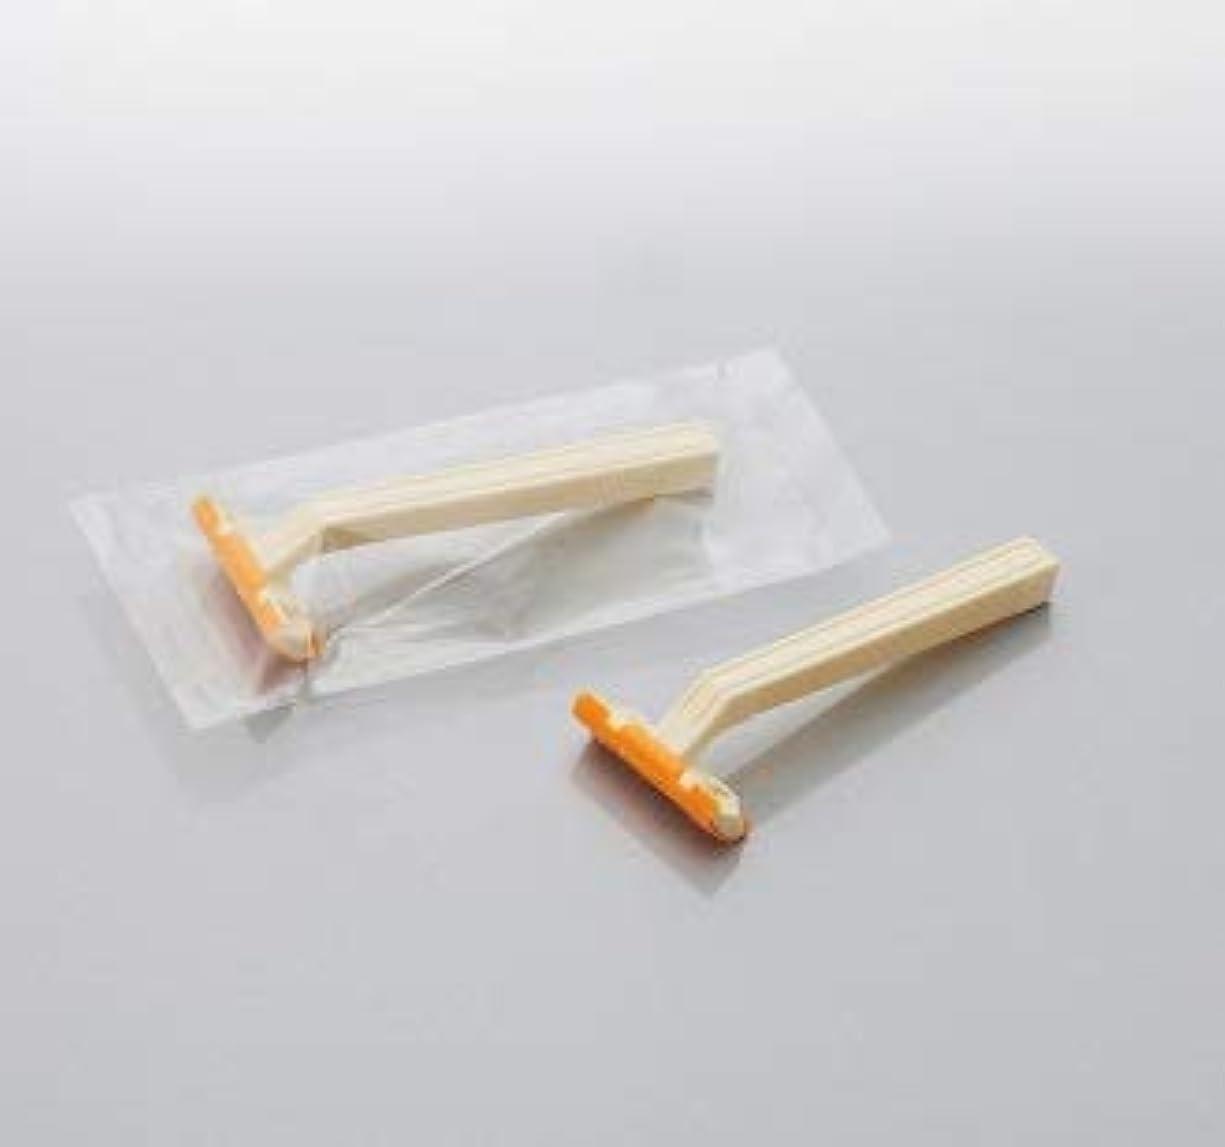 調停するかき混ぜる教えるカミソリ アメニティロード2 固定式2枚刃2000本 透明OP袋入 daito